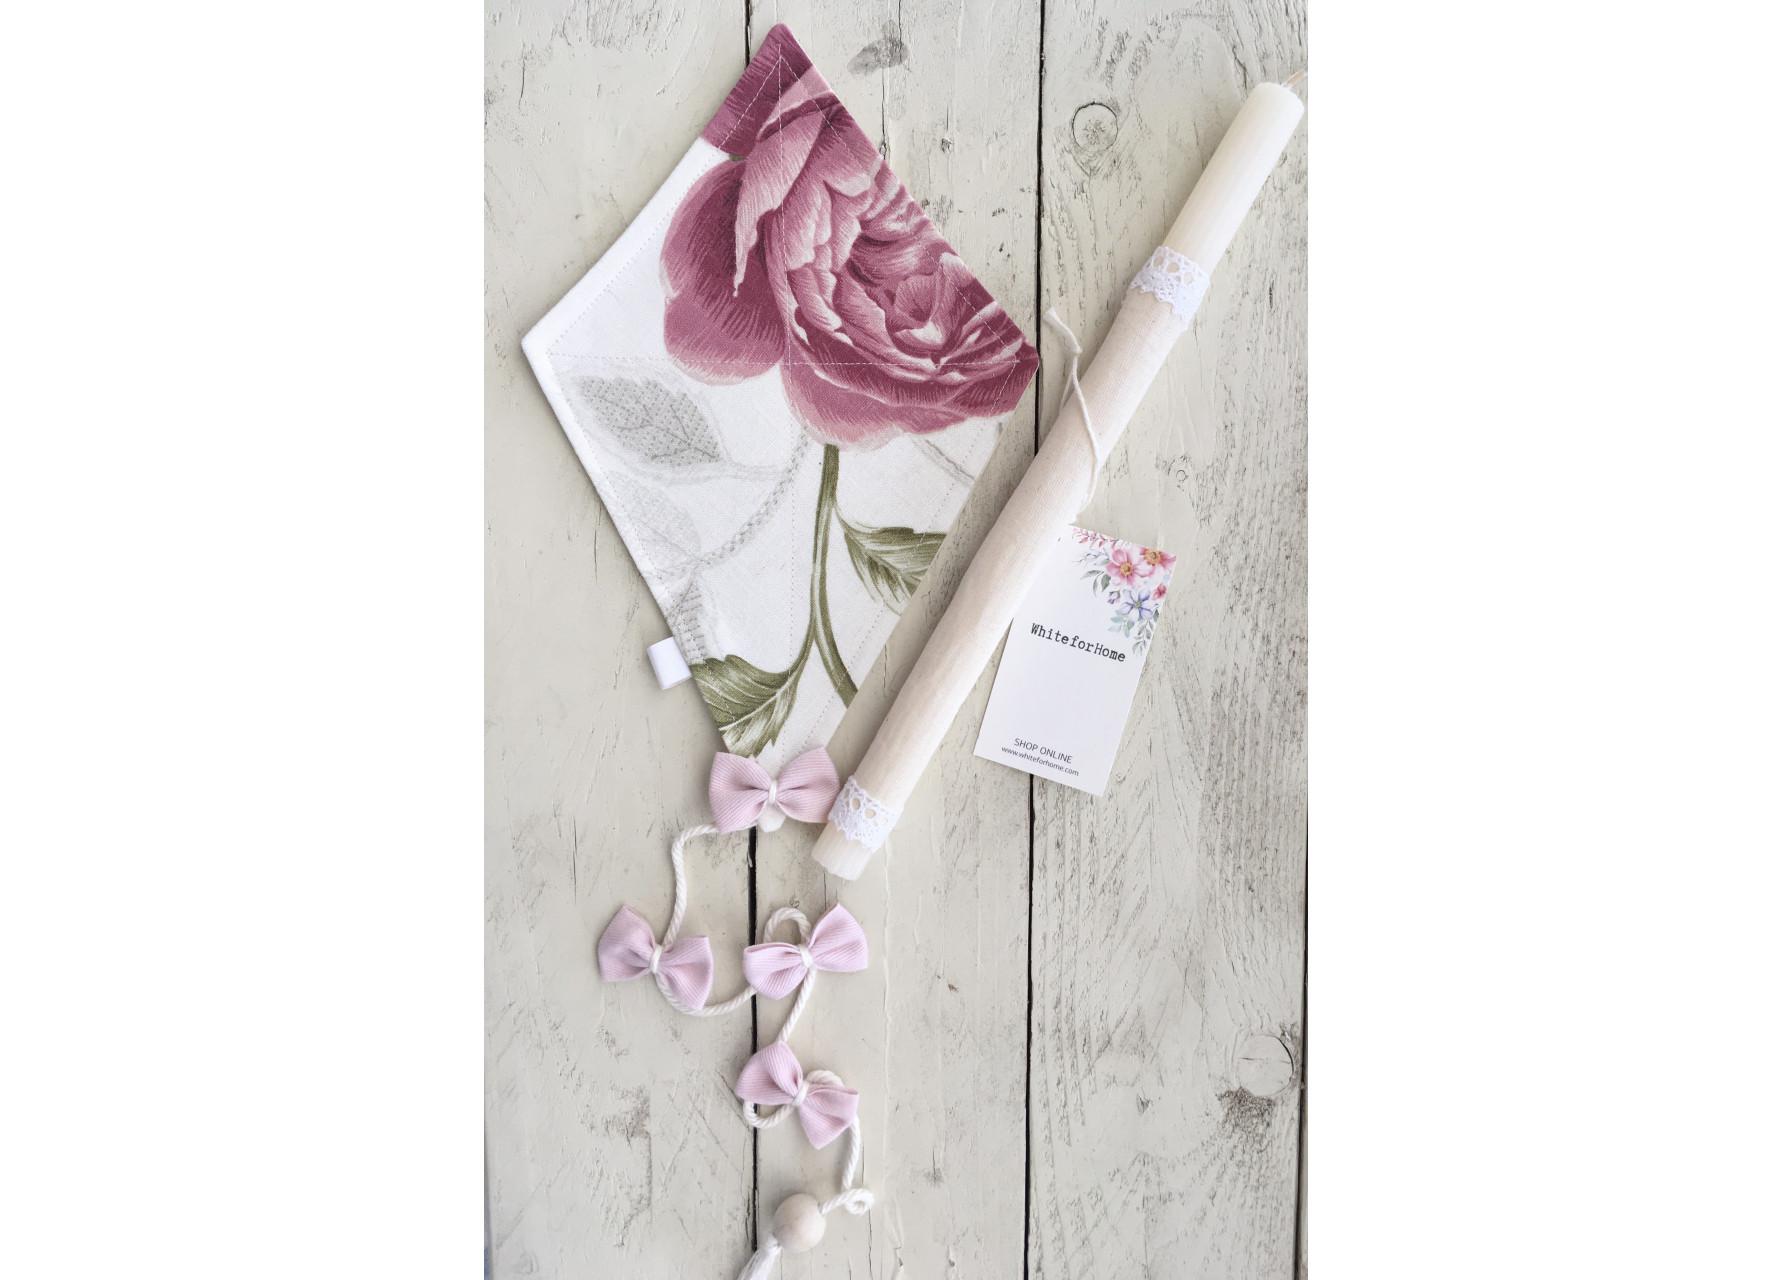 Πασχαλινή λαμπάδα / Xαρταετός τριαντάφυλλο